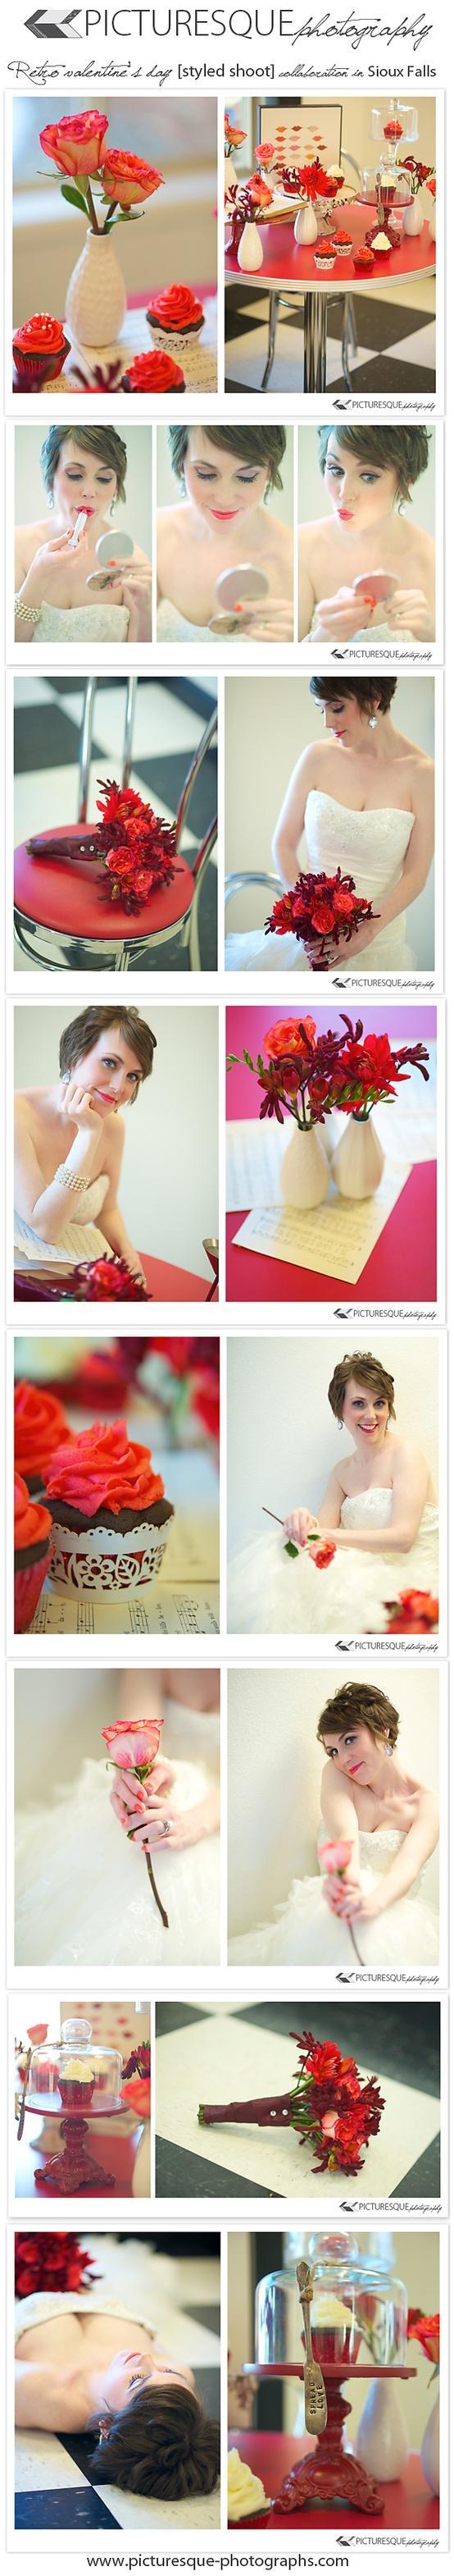 Wedding - Valentine's Day